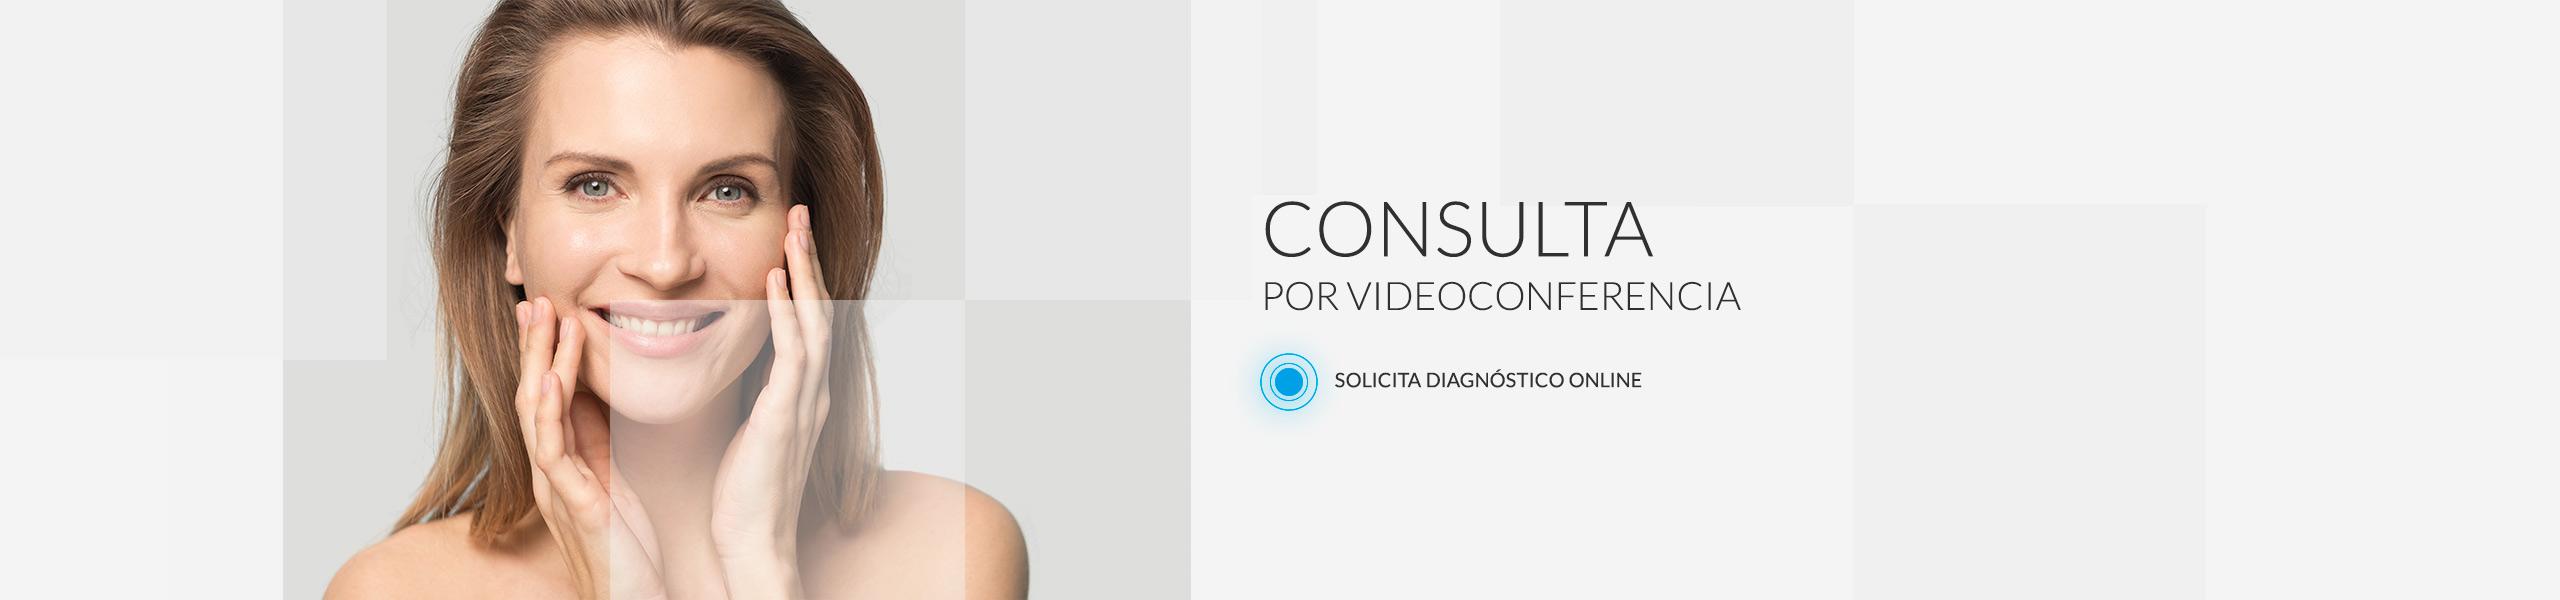 slide consulta videoconferencia - doctora mercedes silvestre